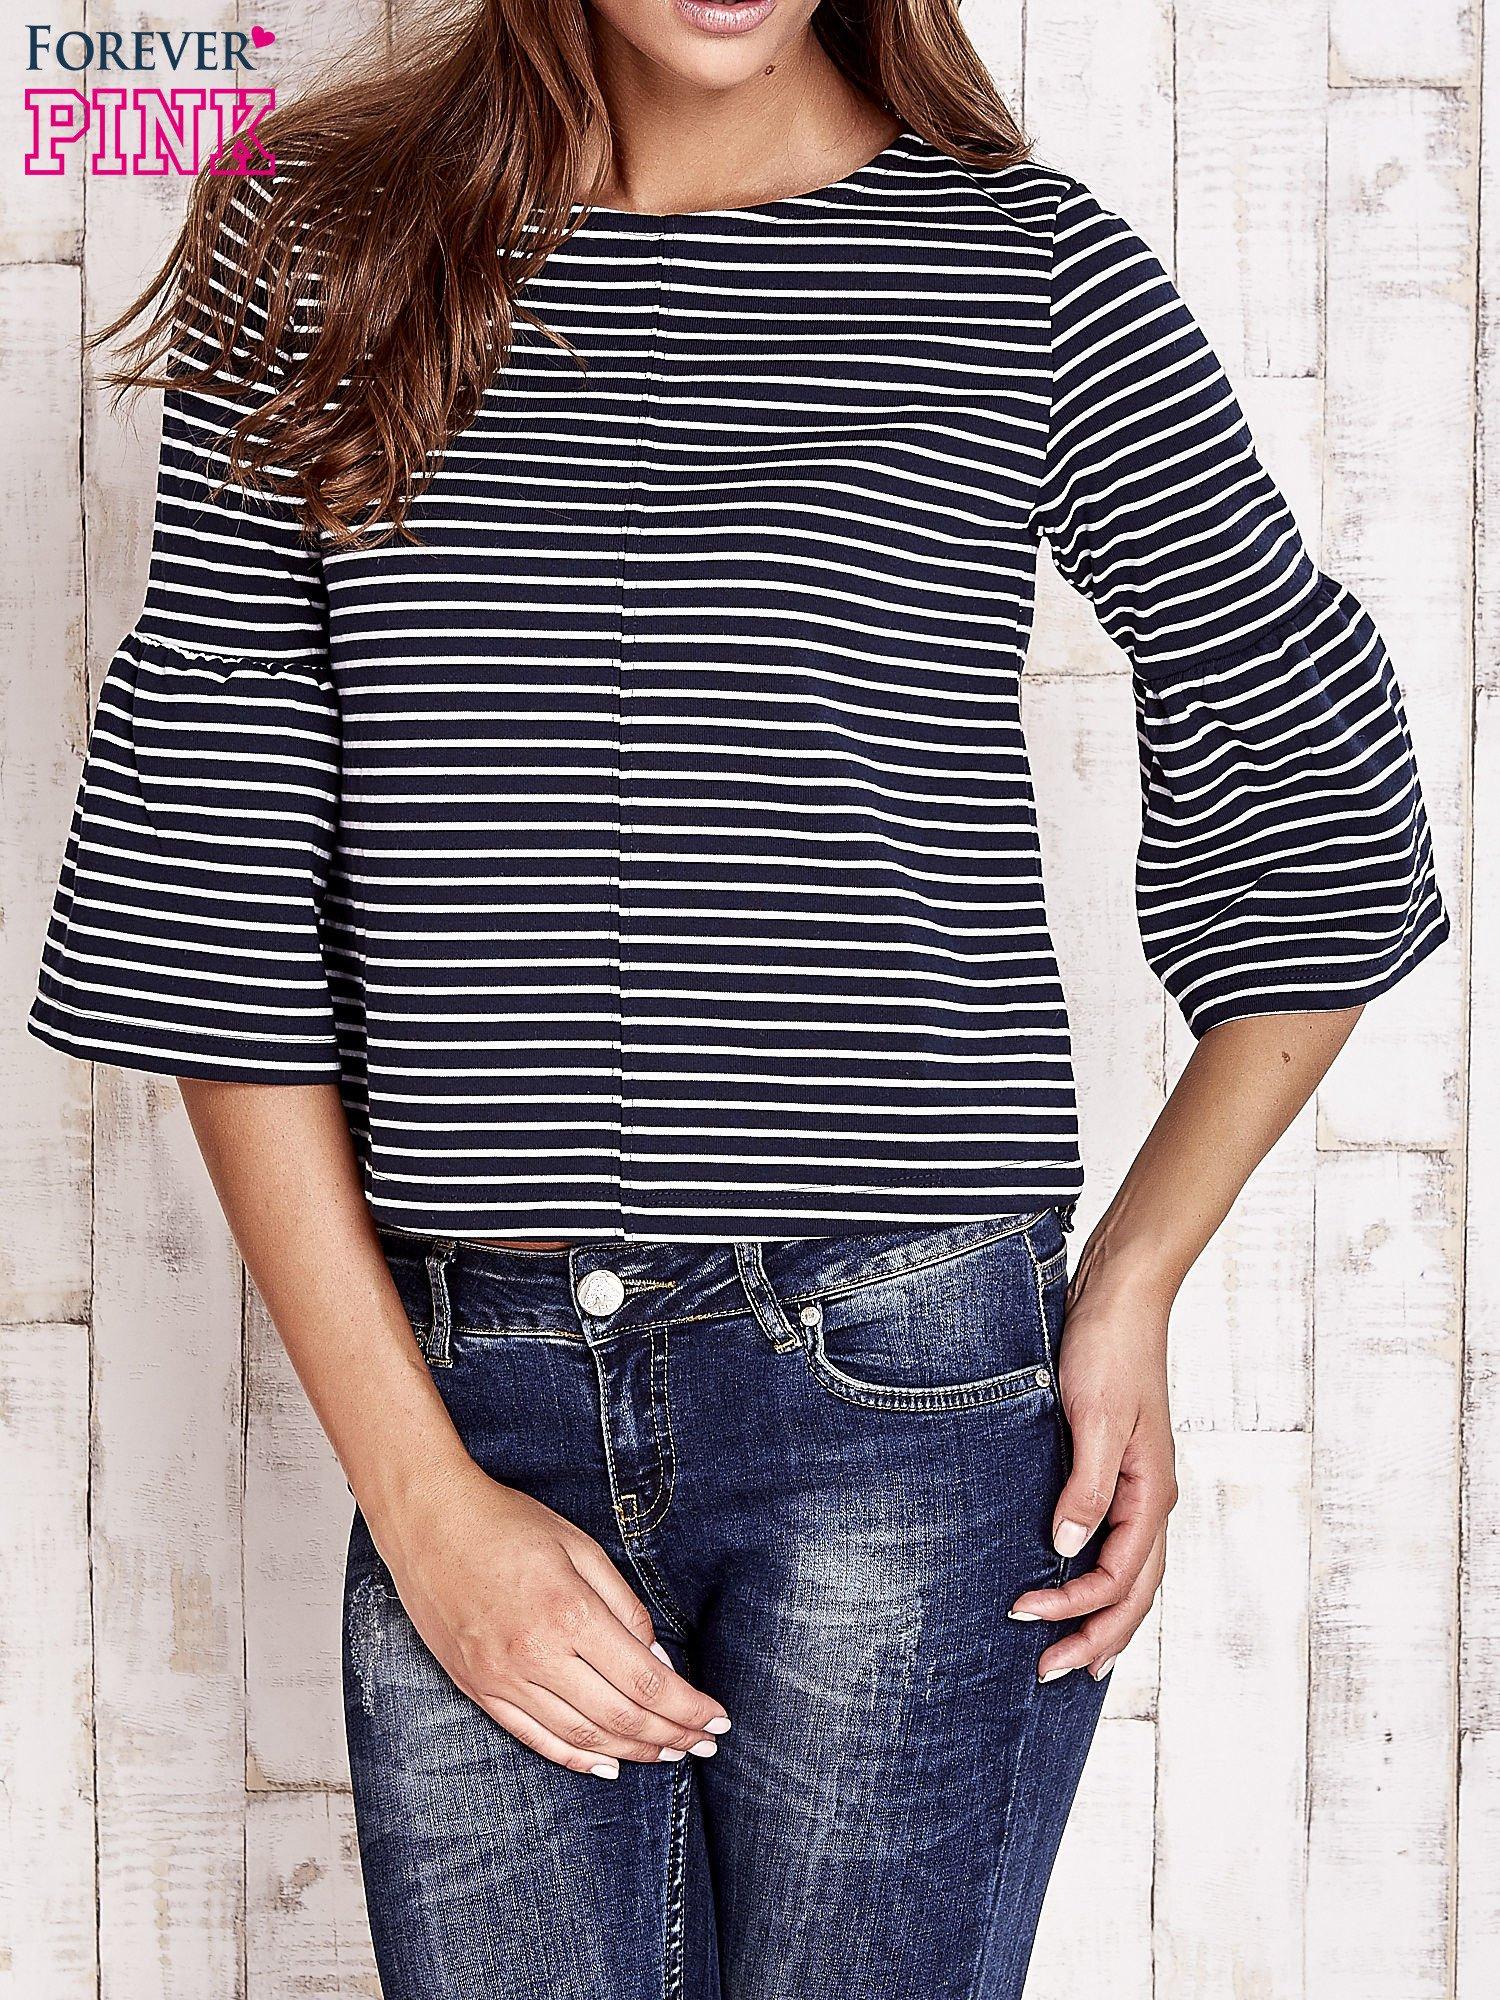 Granatowa bluzka w paski z suwakiem na plecach                                  zdj.                                  1